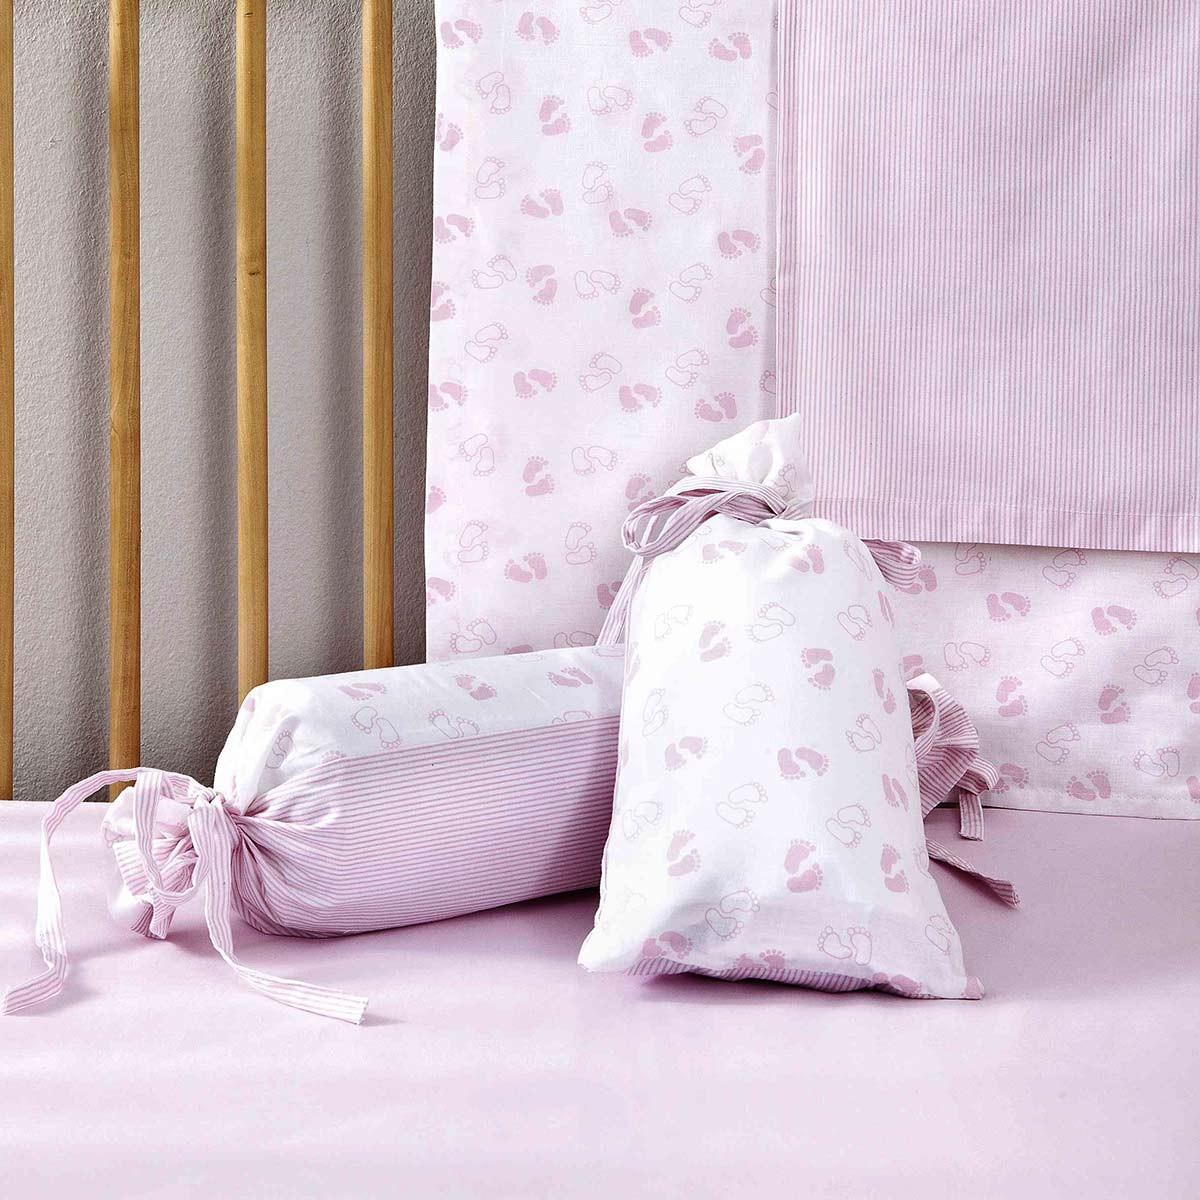 Σεντόνια Λίκνου (Σετ) Nima Tootsies Pink